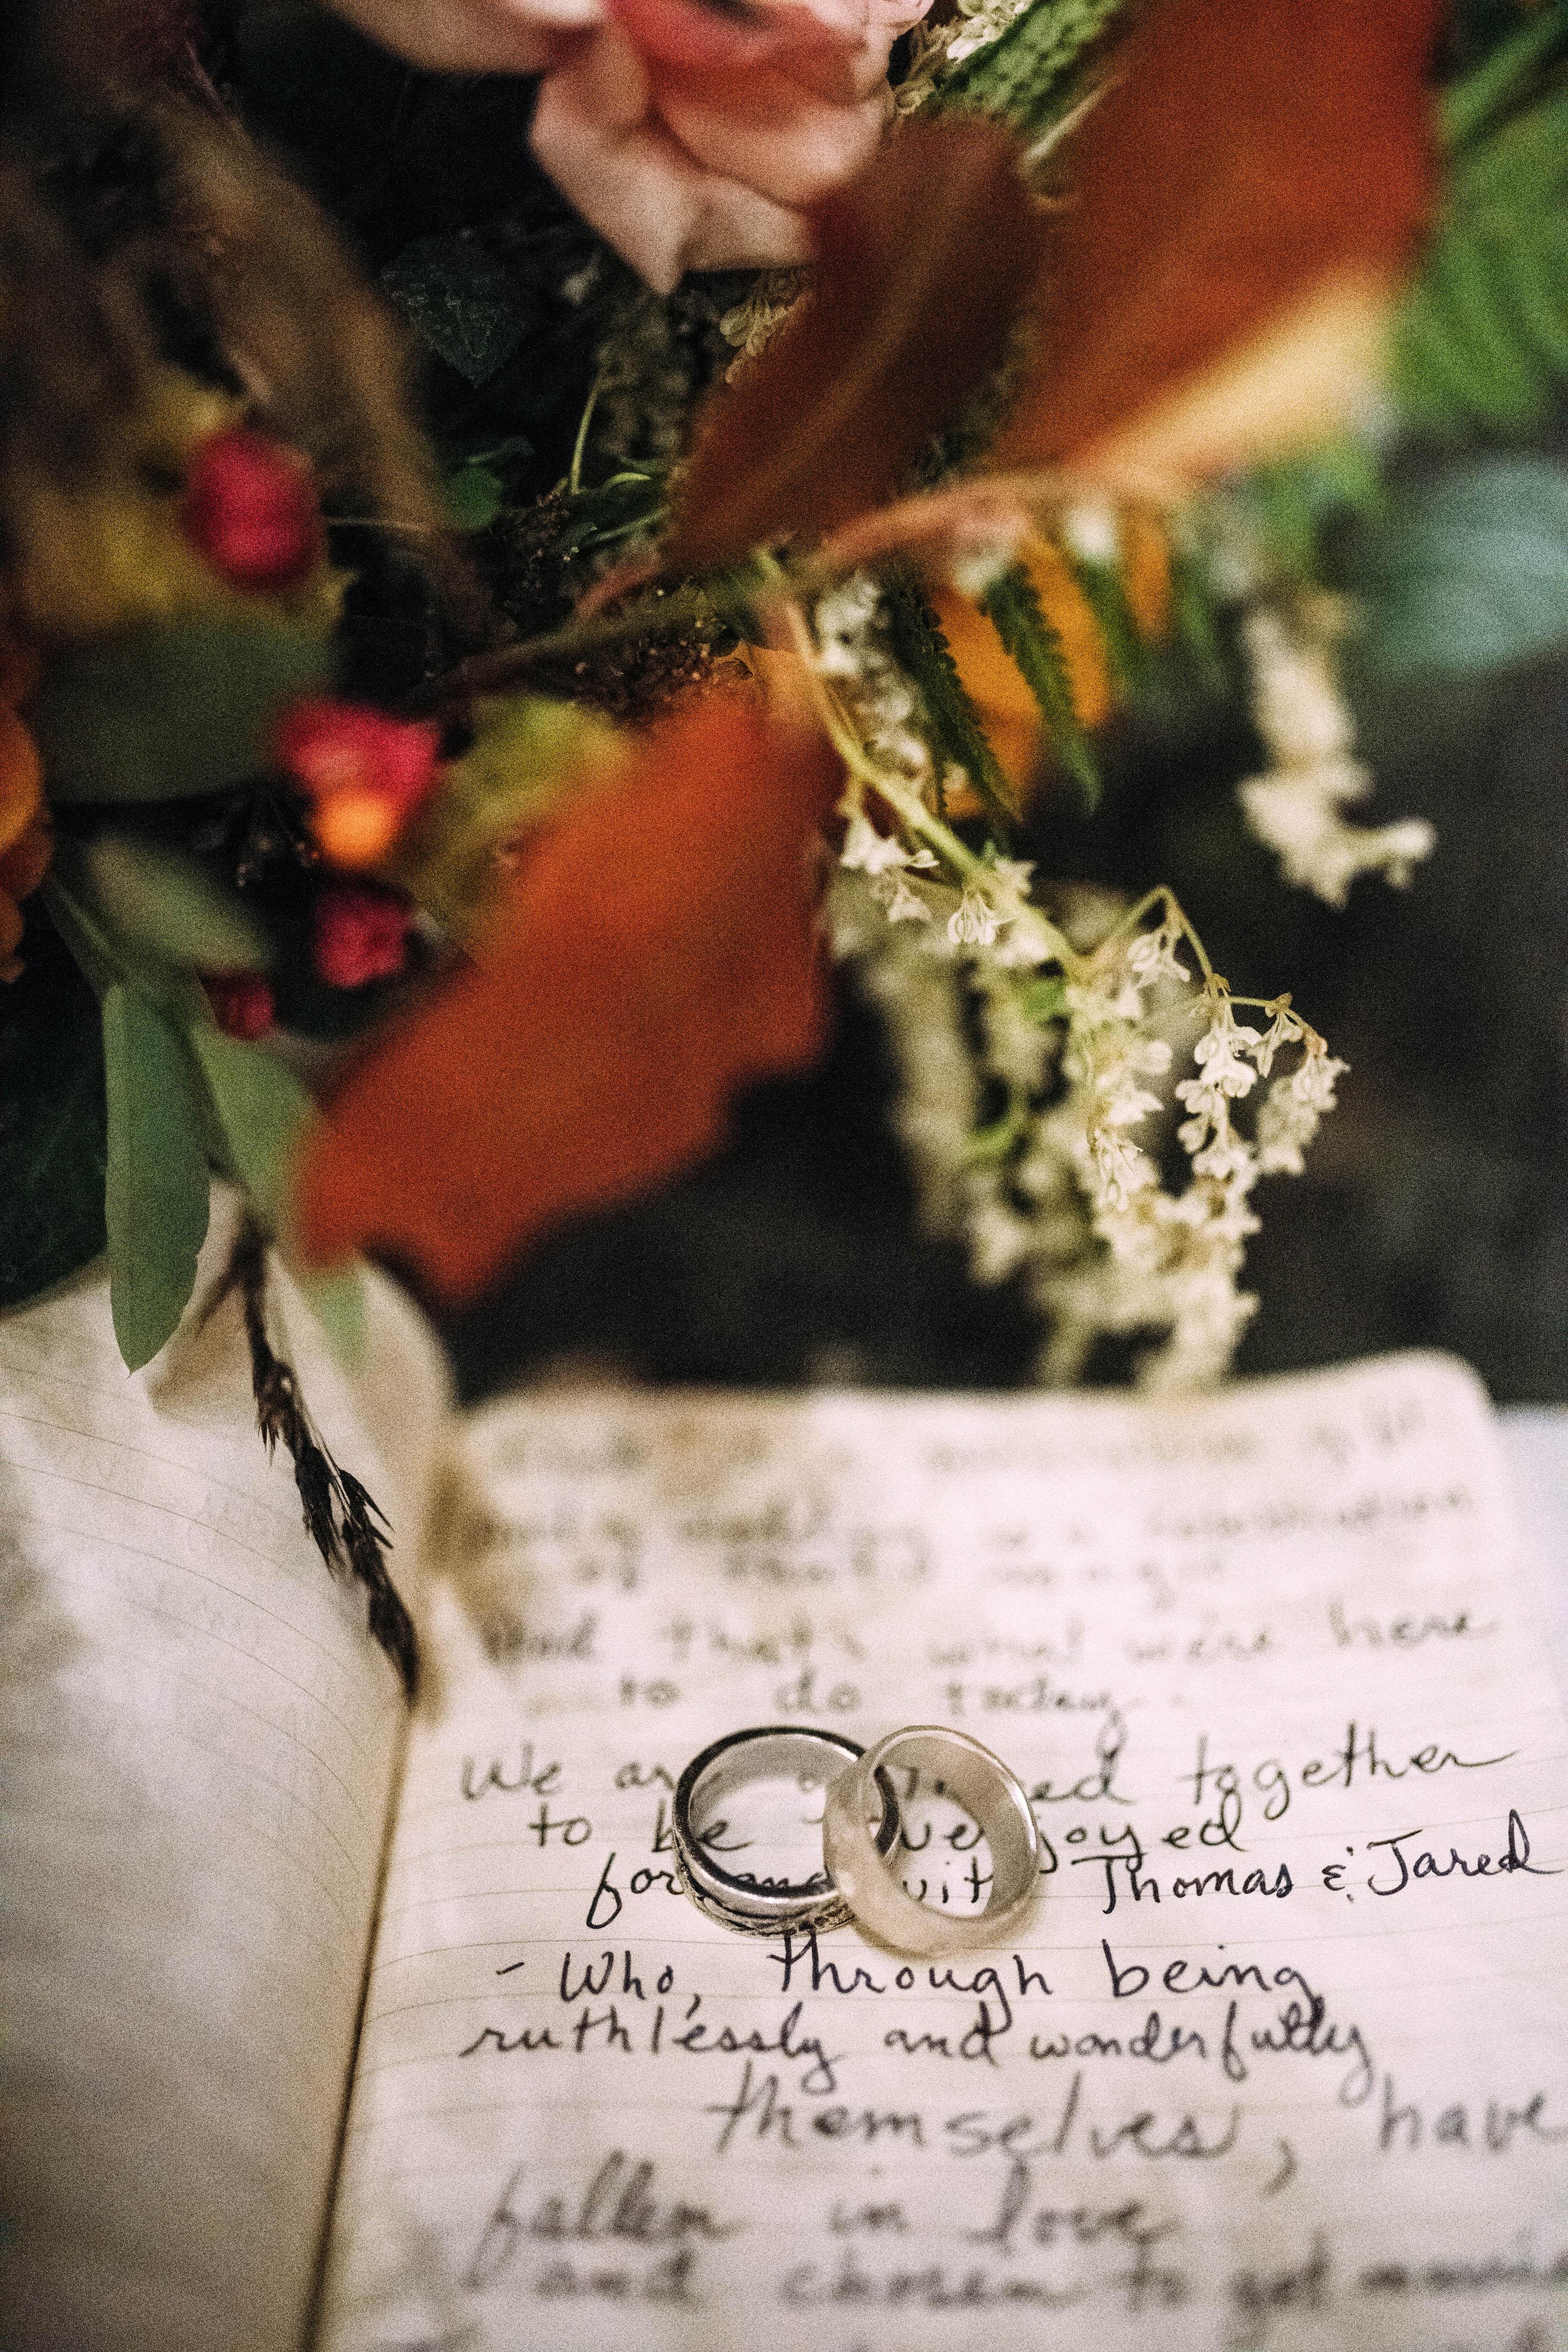 thomas jared wedding rings on vows